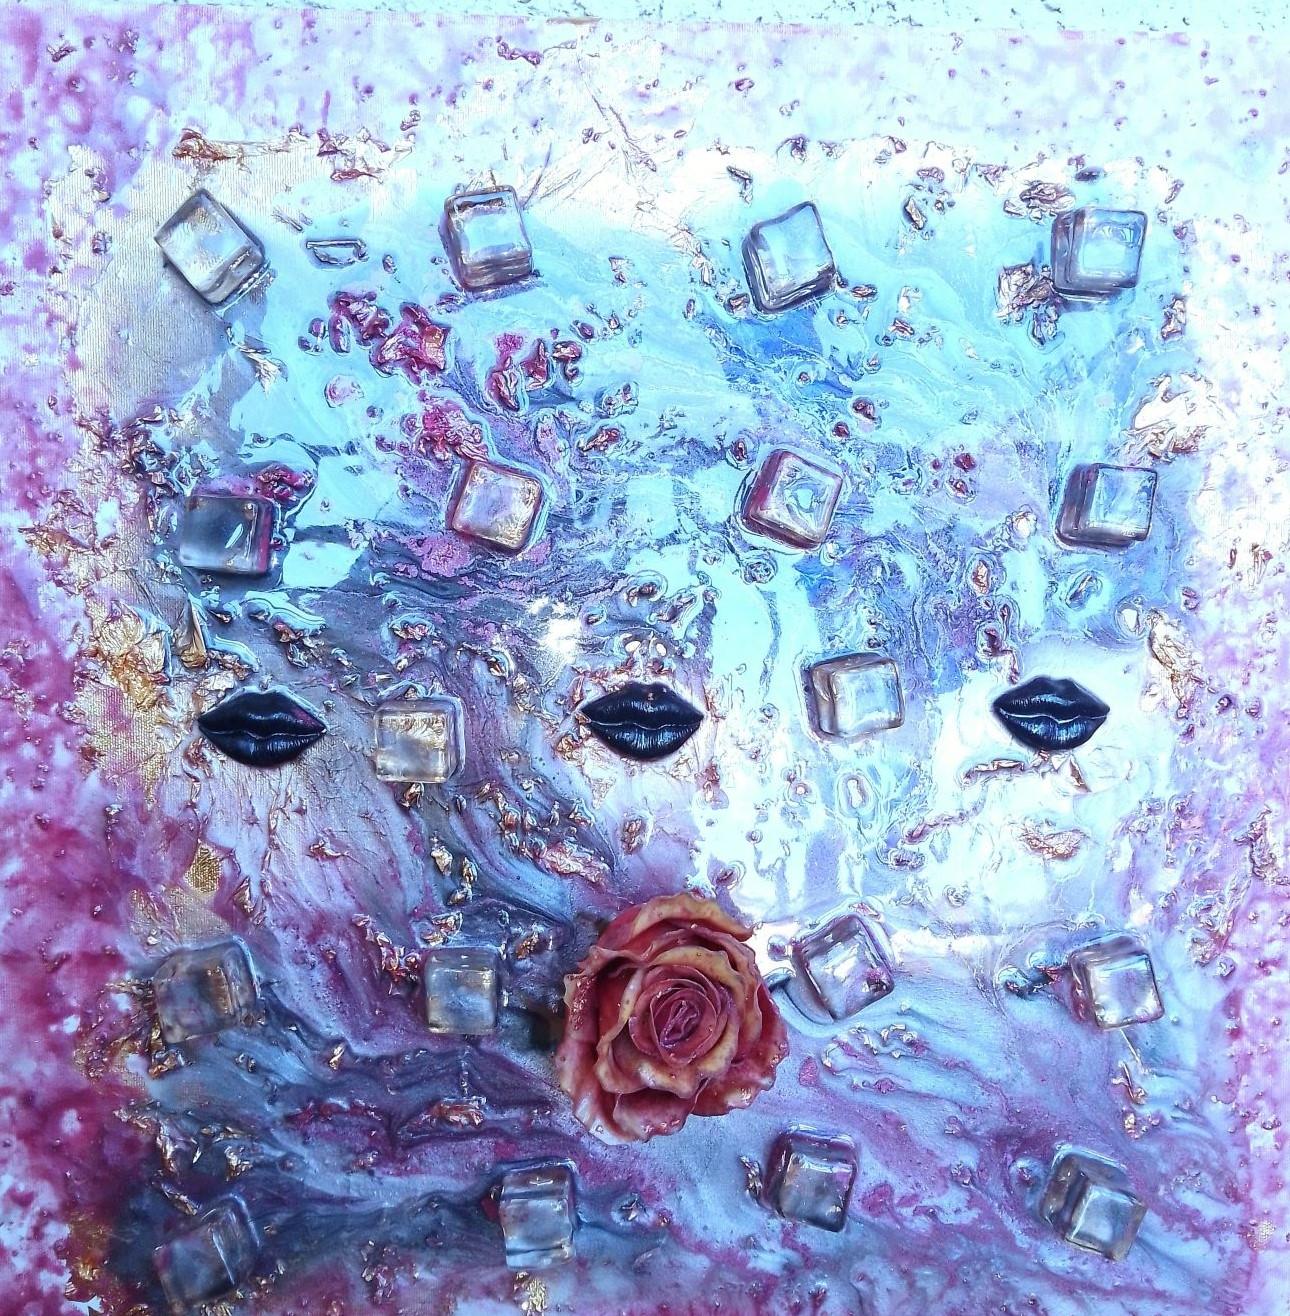 Read My Lips artwork by Natalie Senenfelder - art listed for sale on Artplode